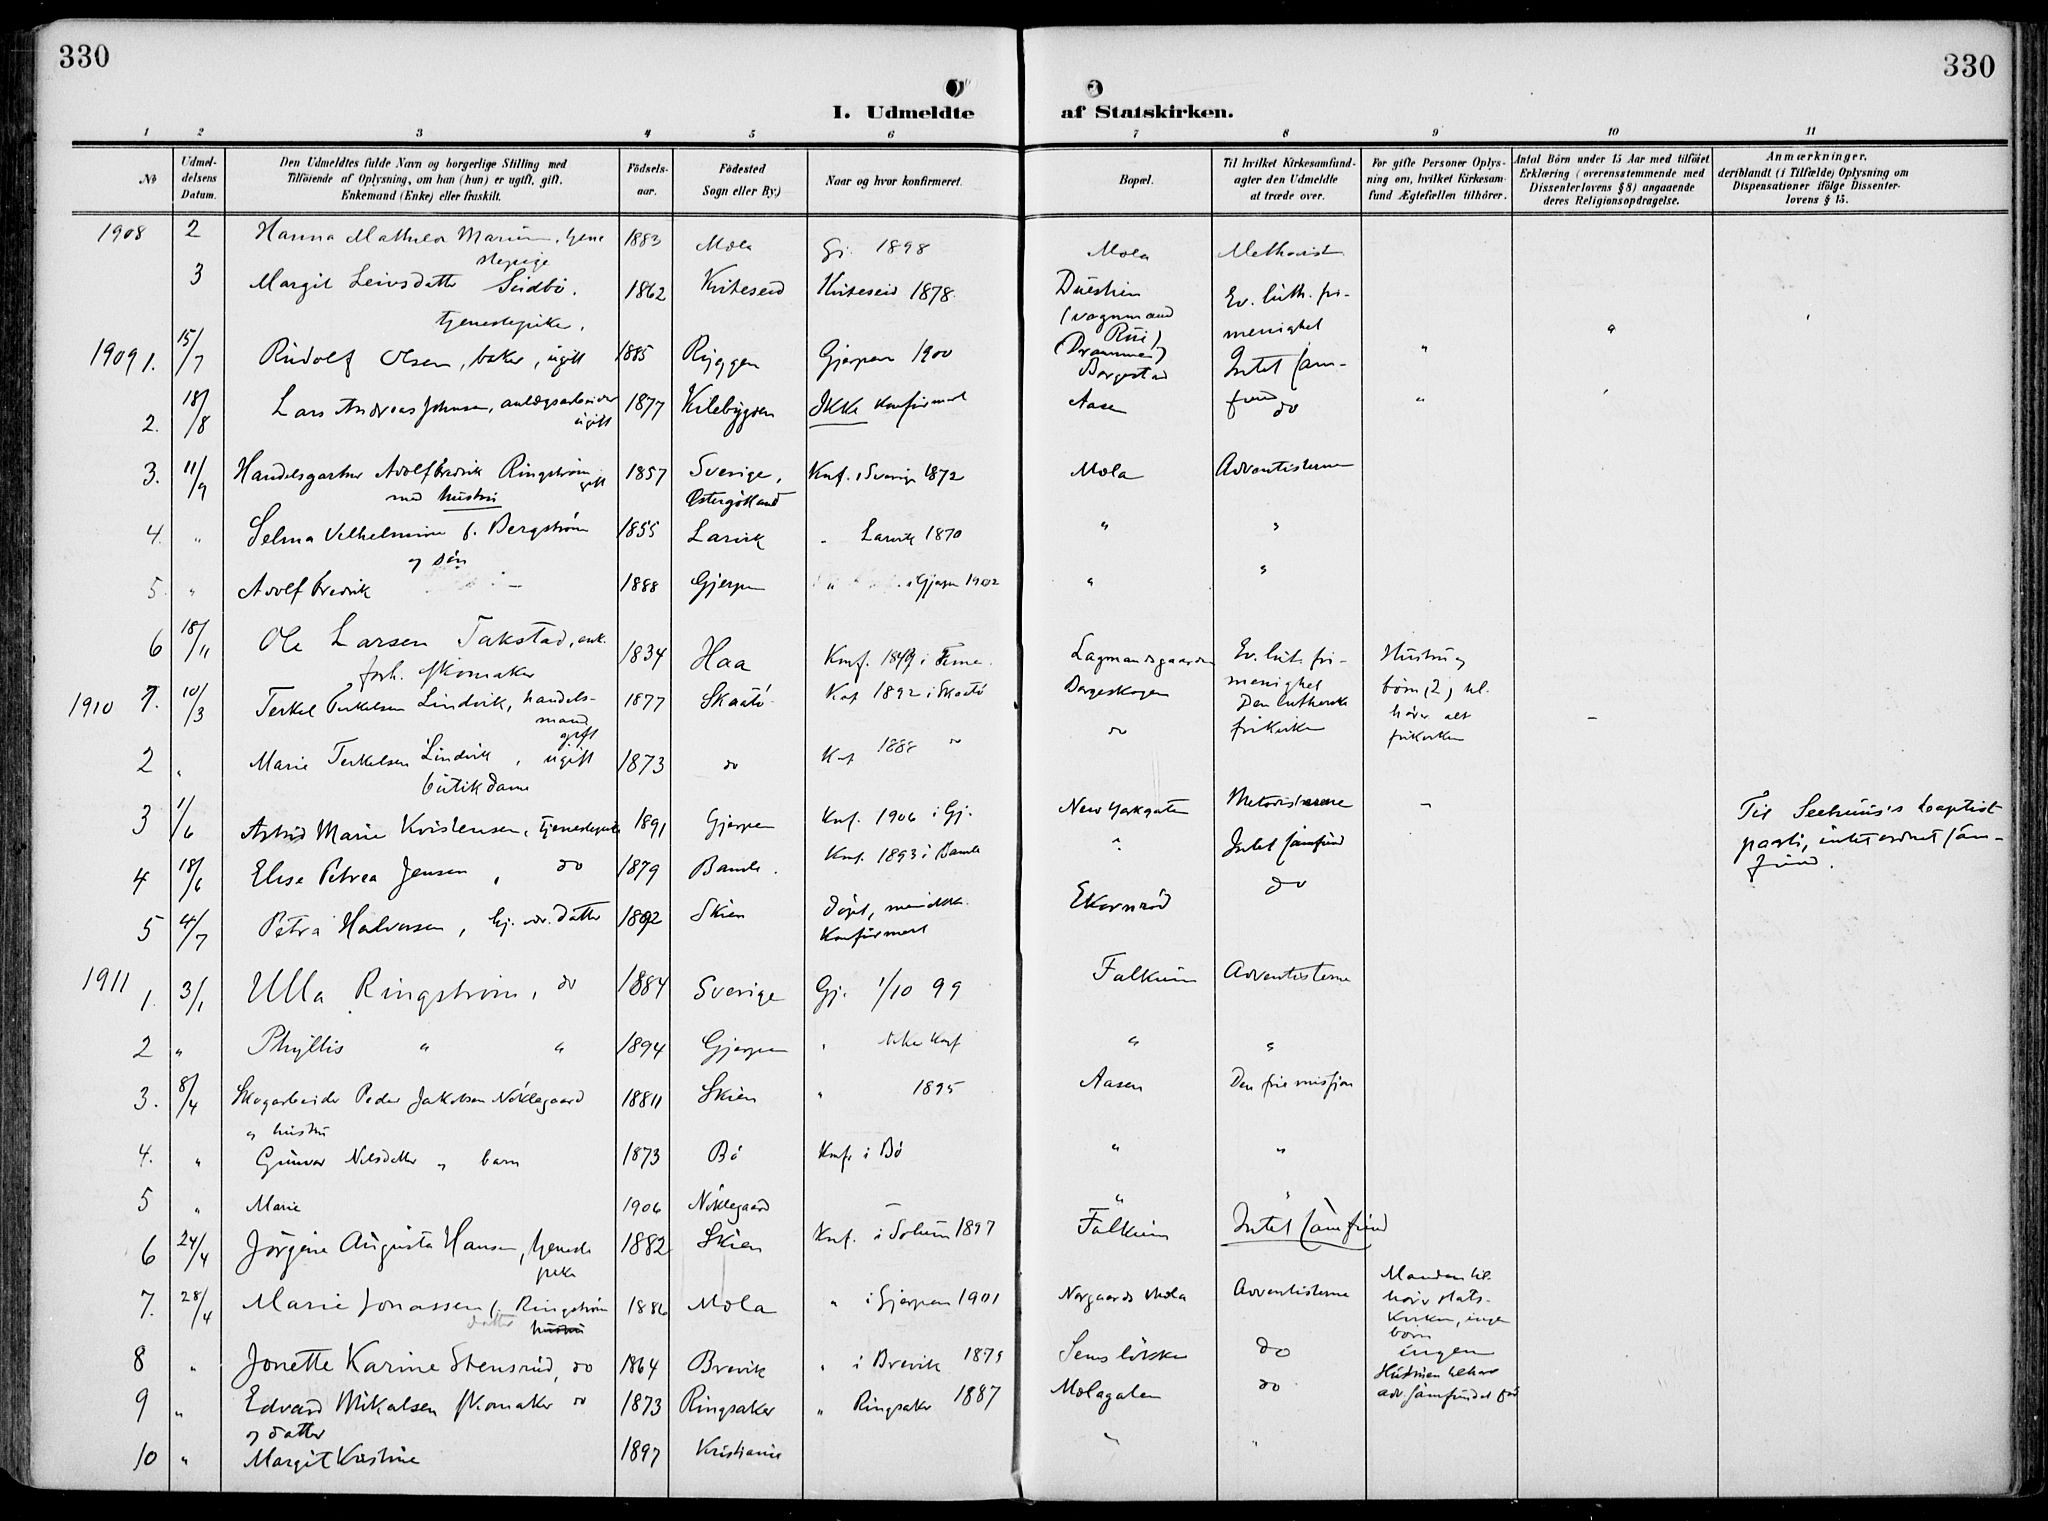 SAKO, Gjerpen kirkebøker, F/Fa/L0012: Ministerialbok nr. 12, 1905-1913, s. 330